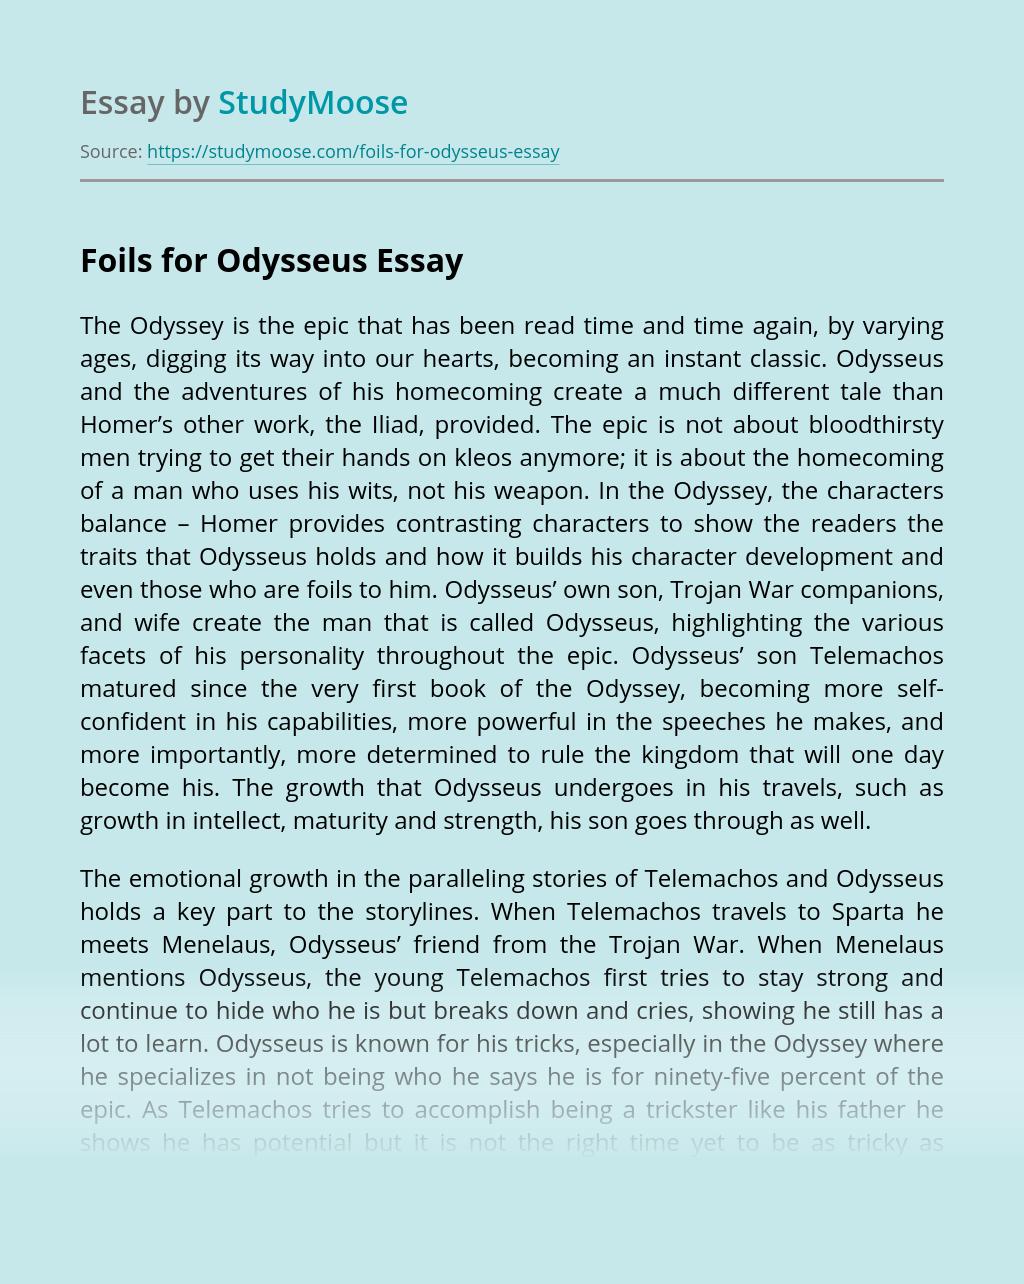 Foils for Odysseus